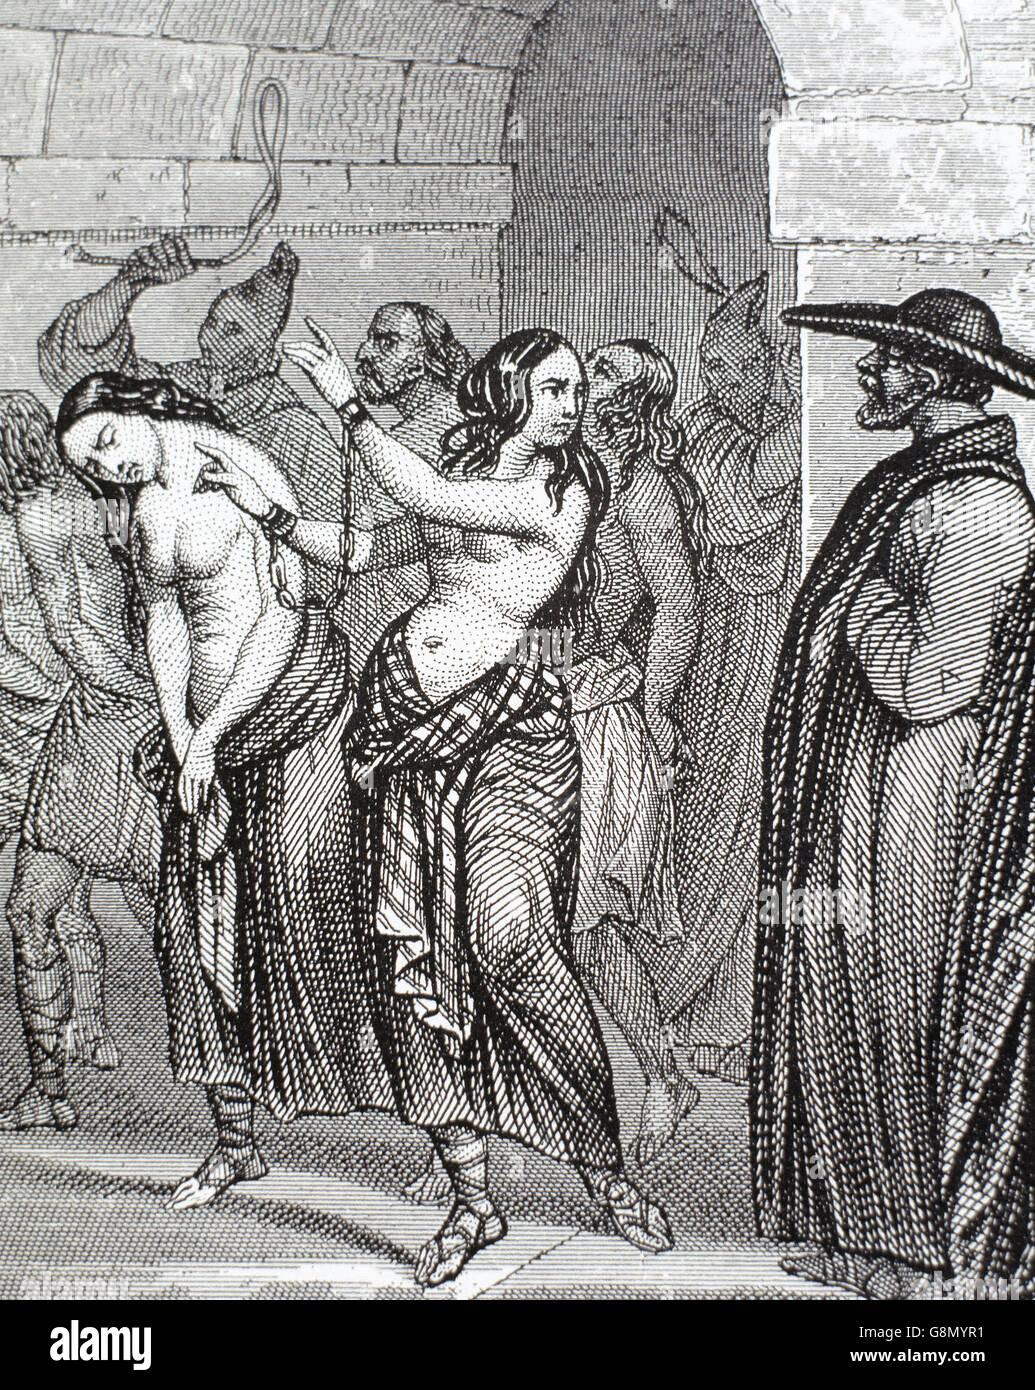 Frauen suchen männer in salem